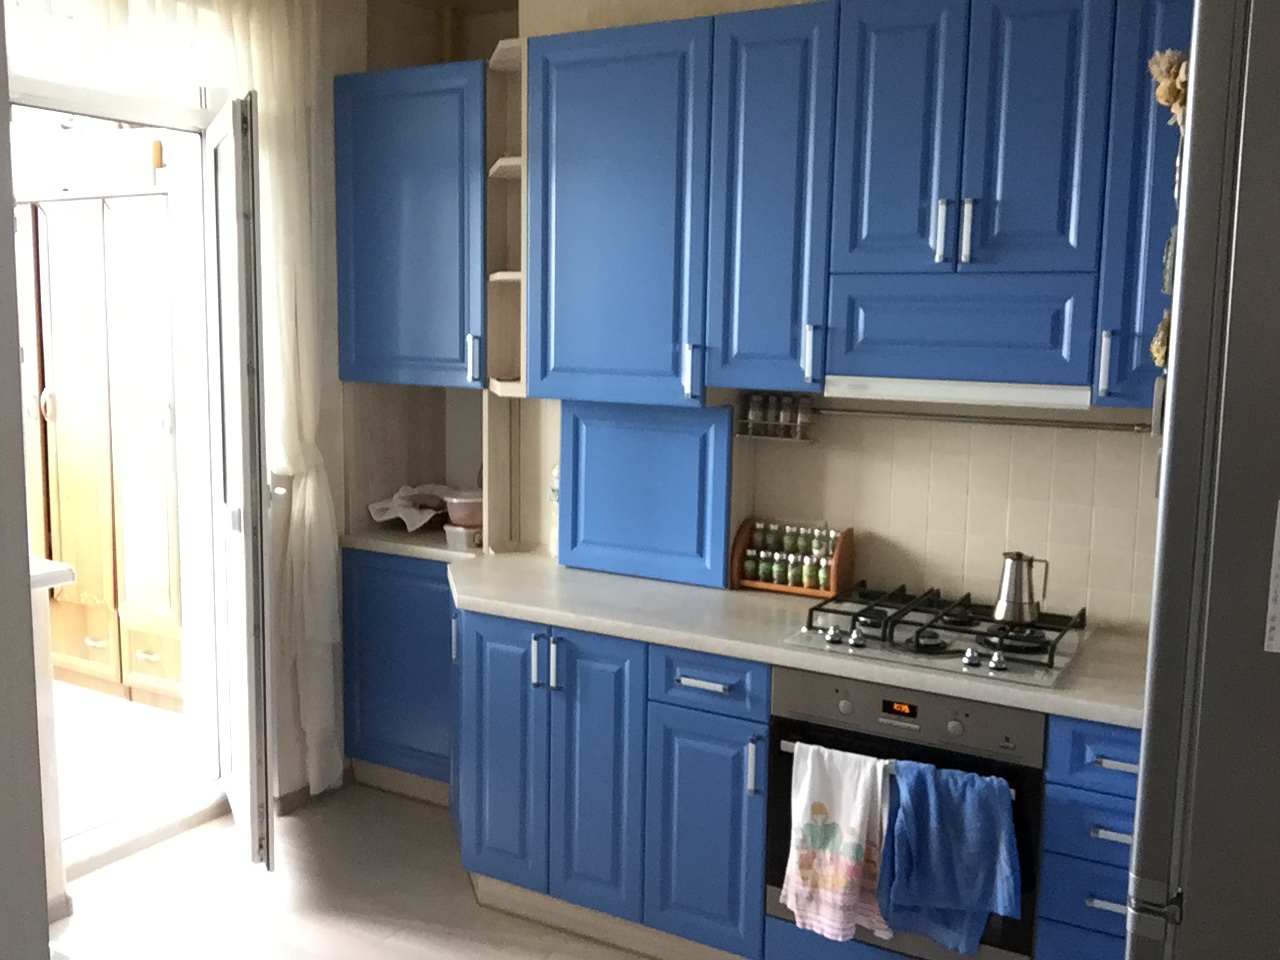 Фото Угловая кухня с встроенным котлом переходящая в нишу.